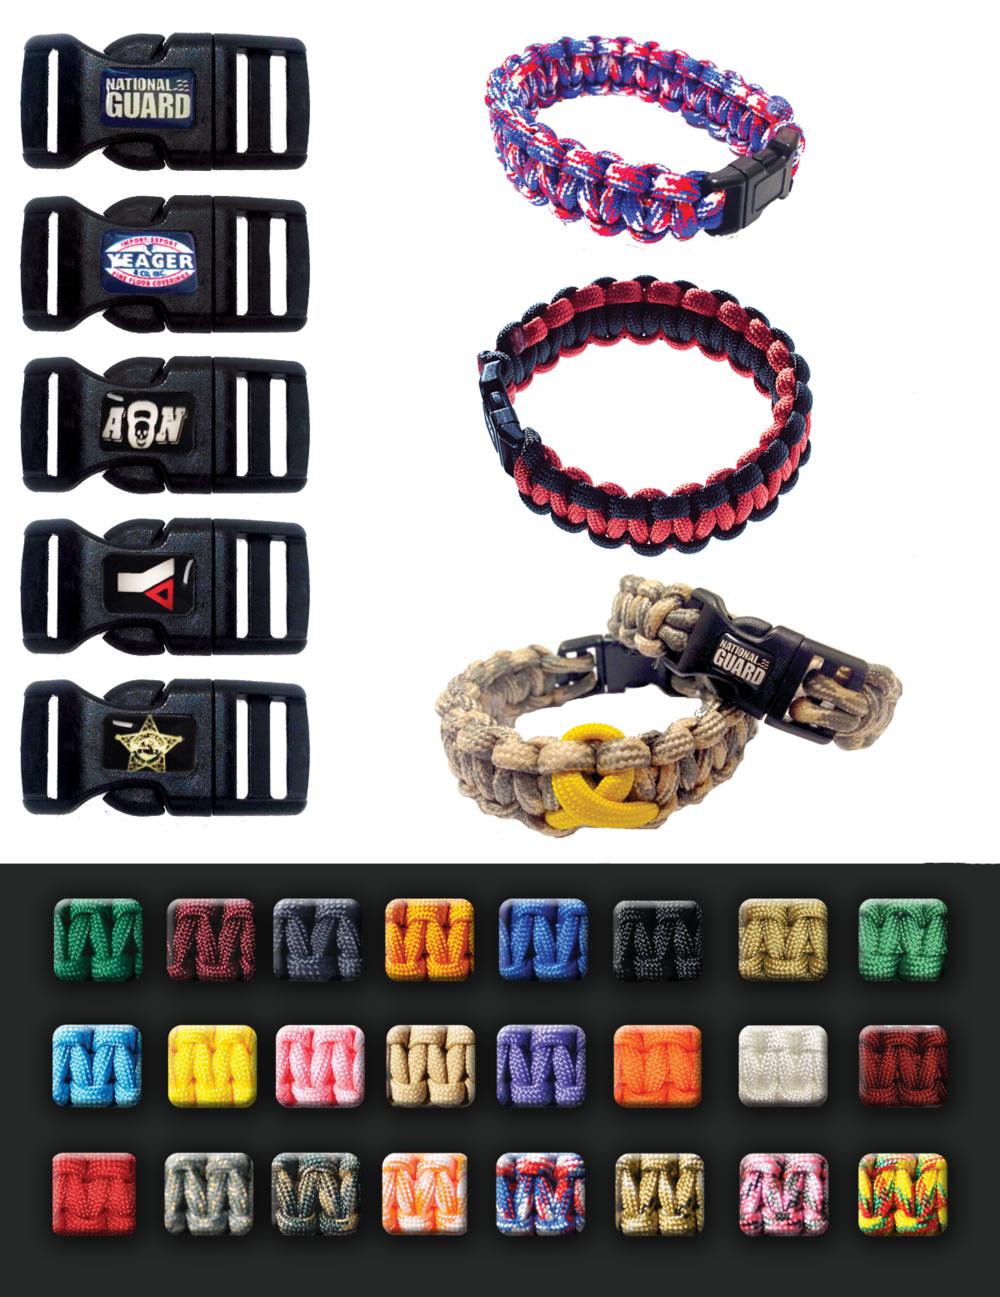 paracord bracelets01.png